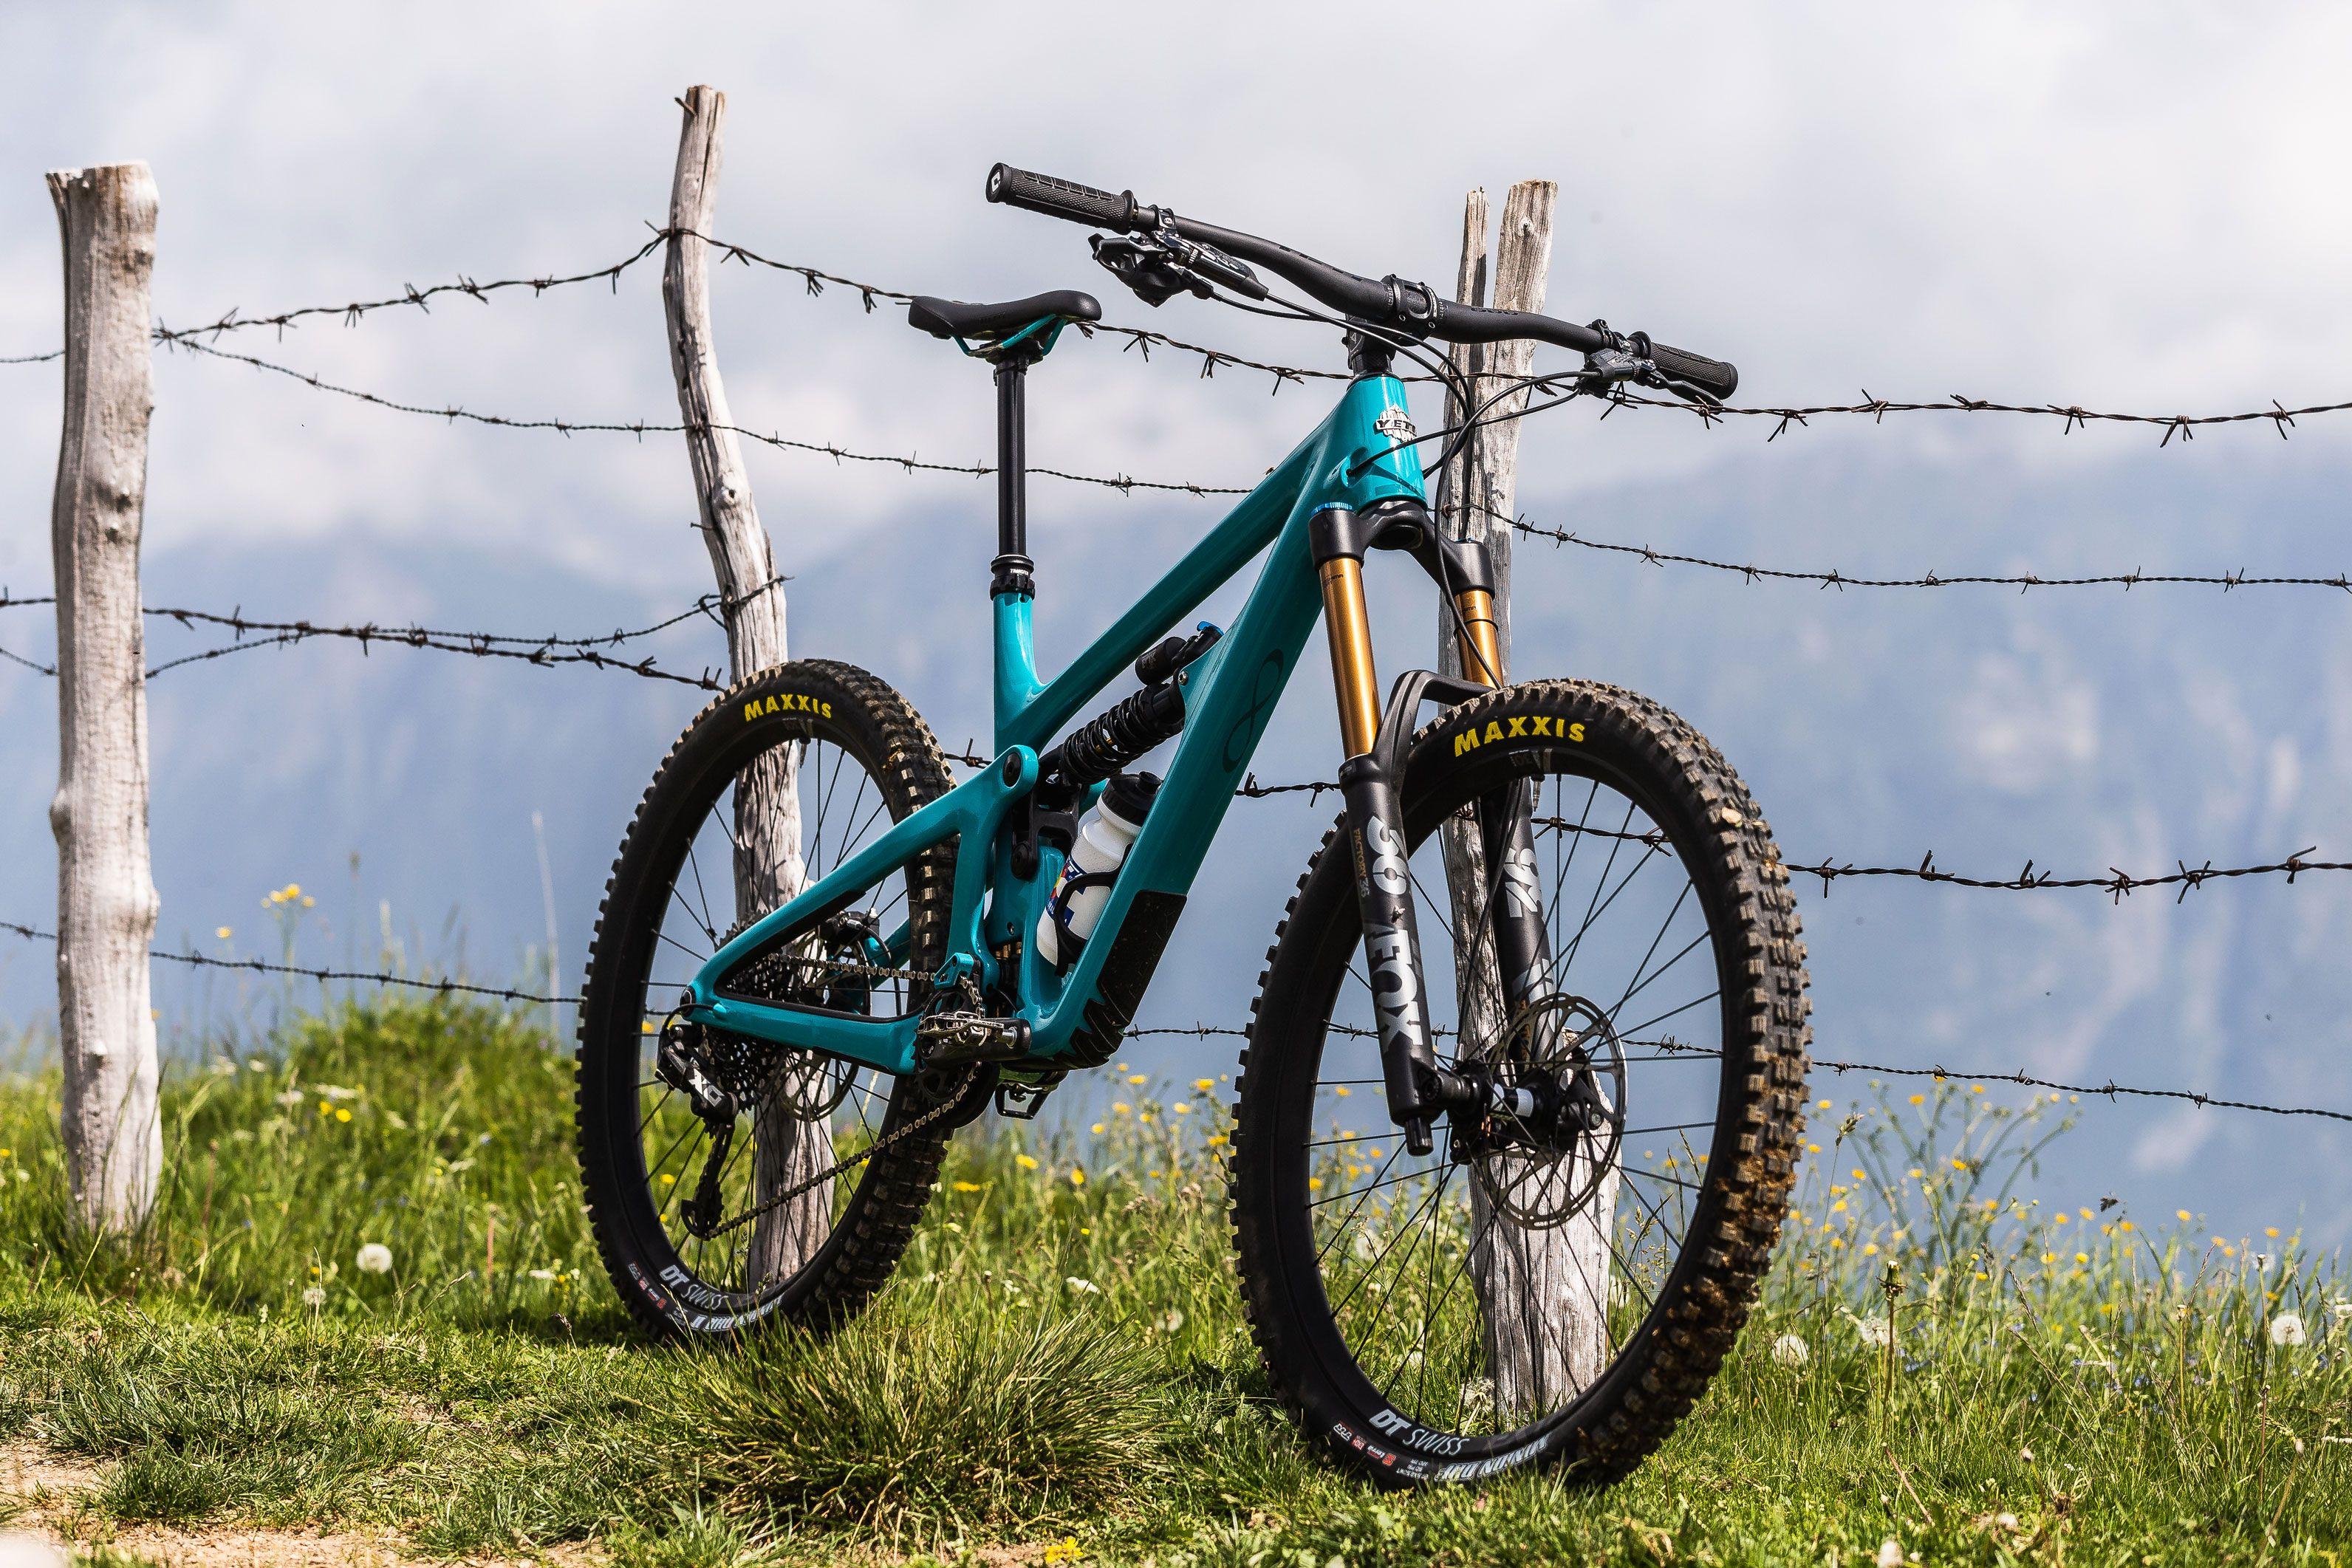 Yeti Sb165 Mountain Bike Review Pure Fun Bike Reviews Mountain